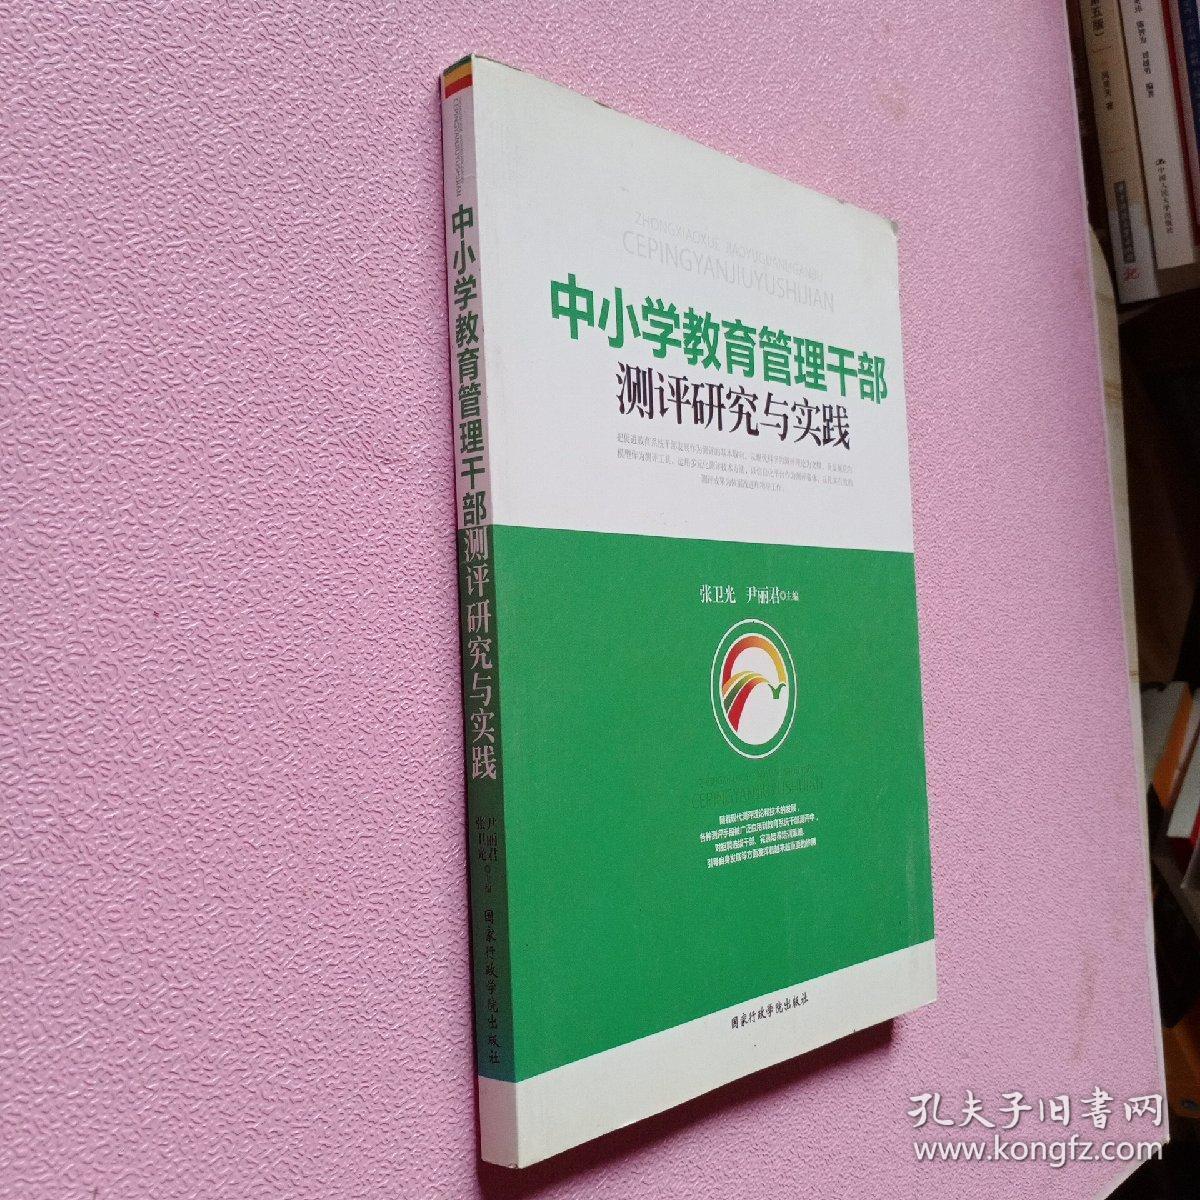 中小学教育管理干部测评研究与实践